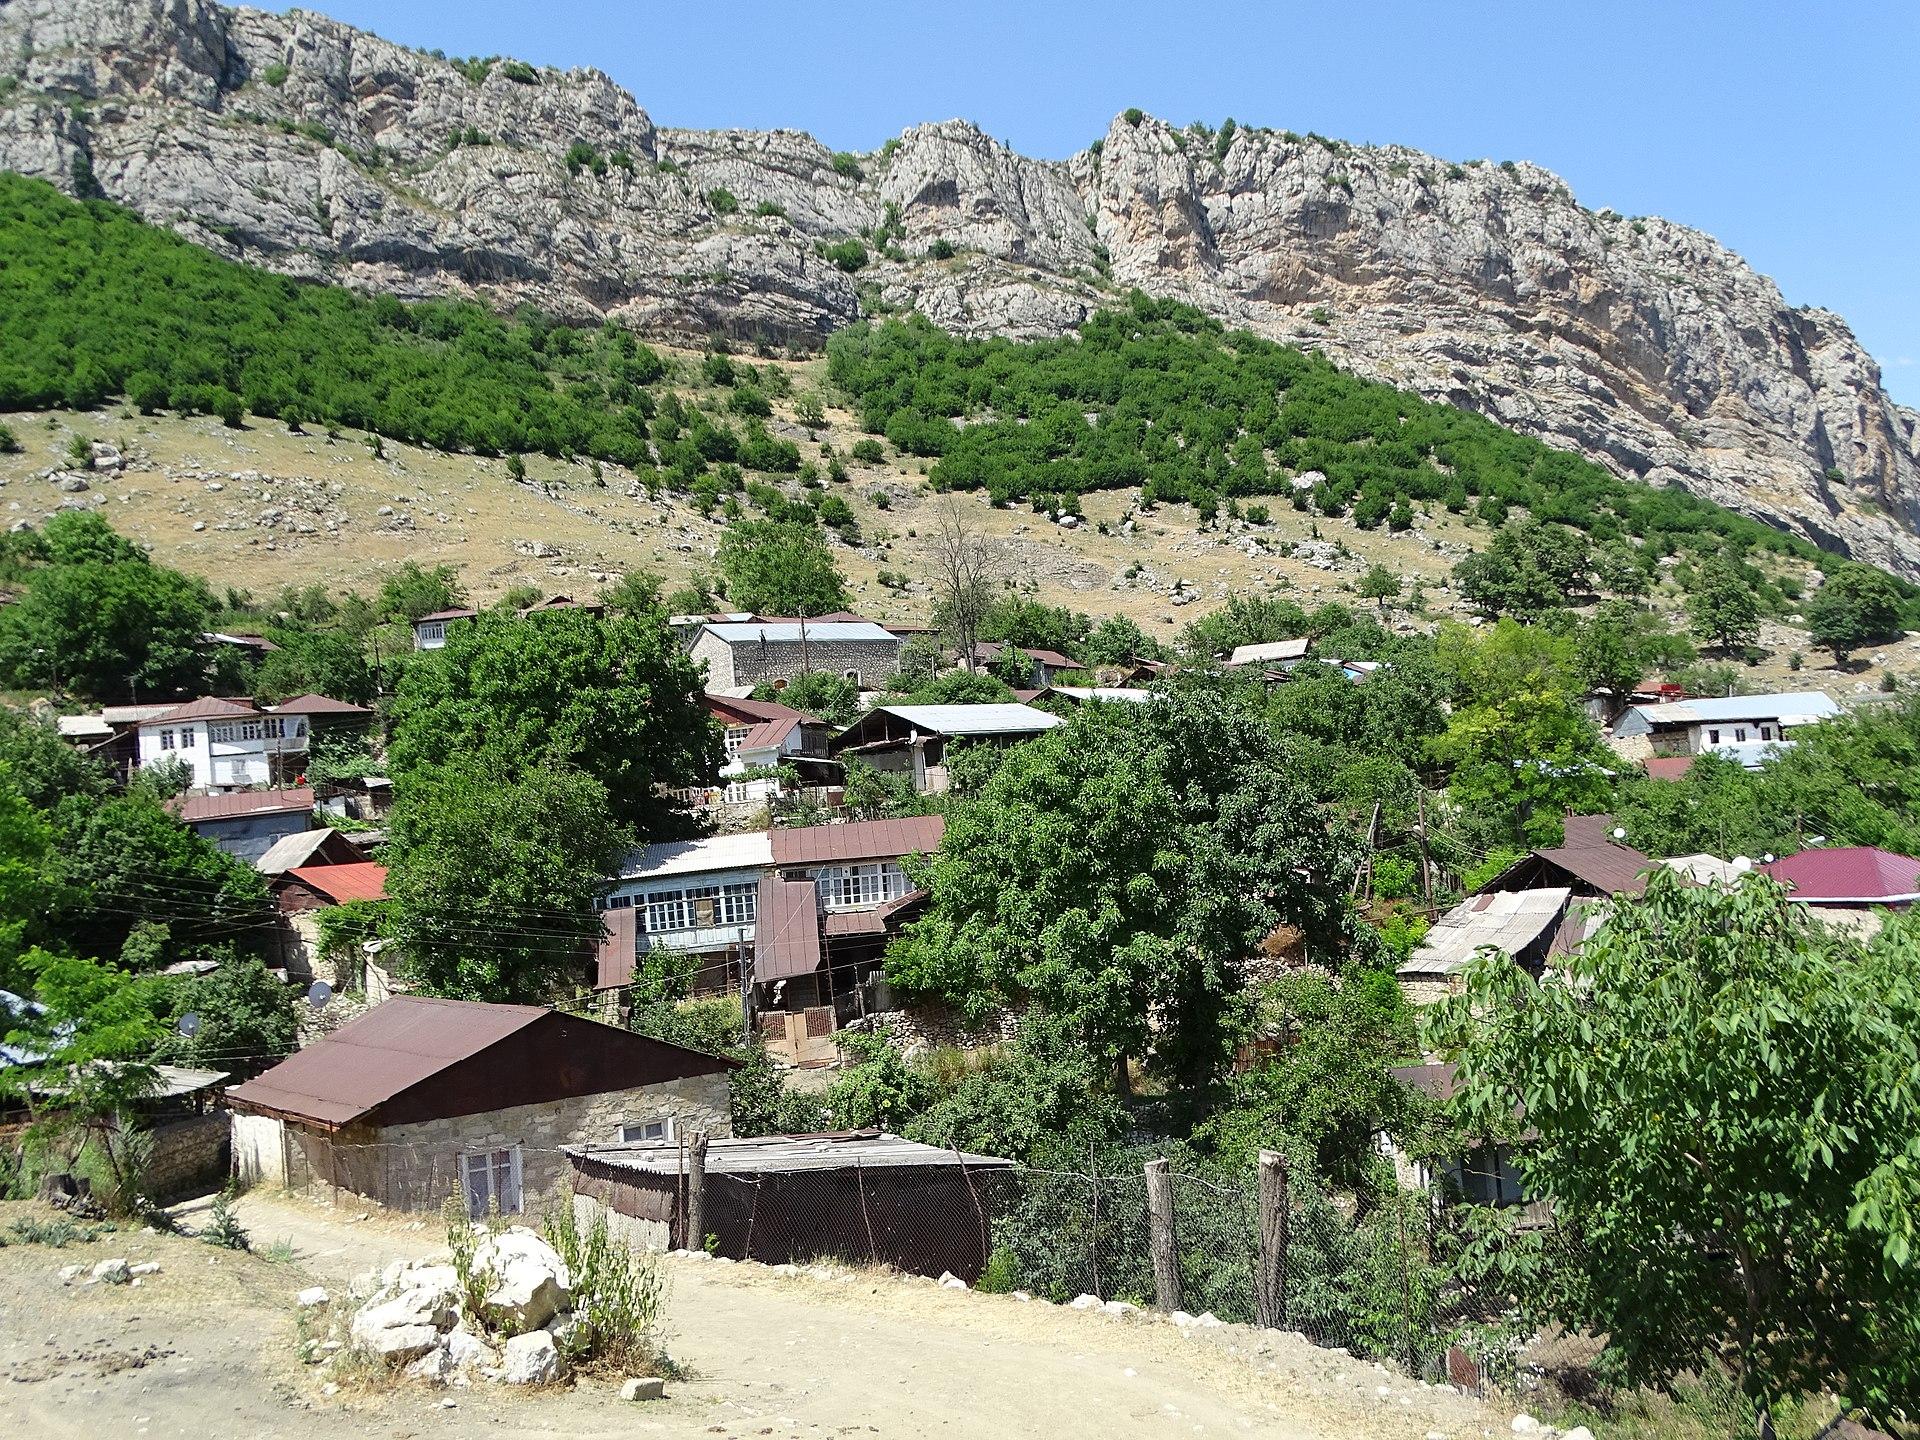 Armeense dating site